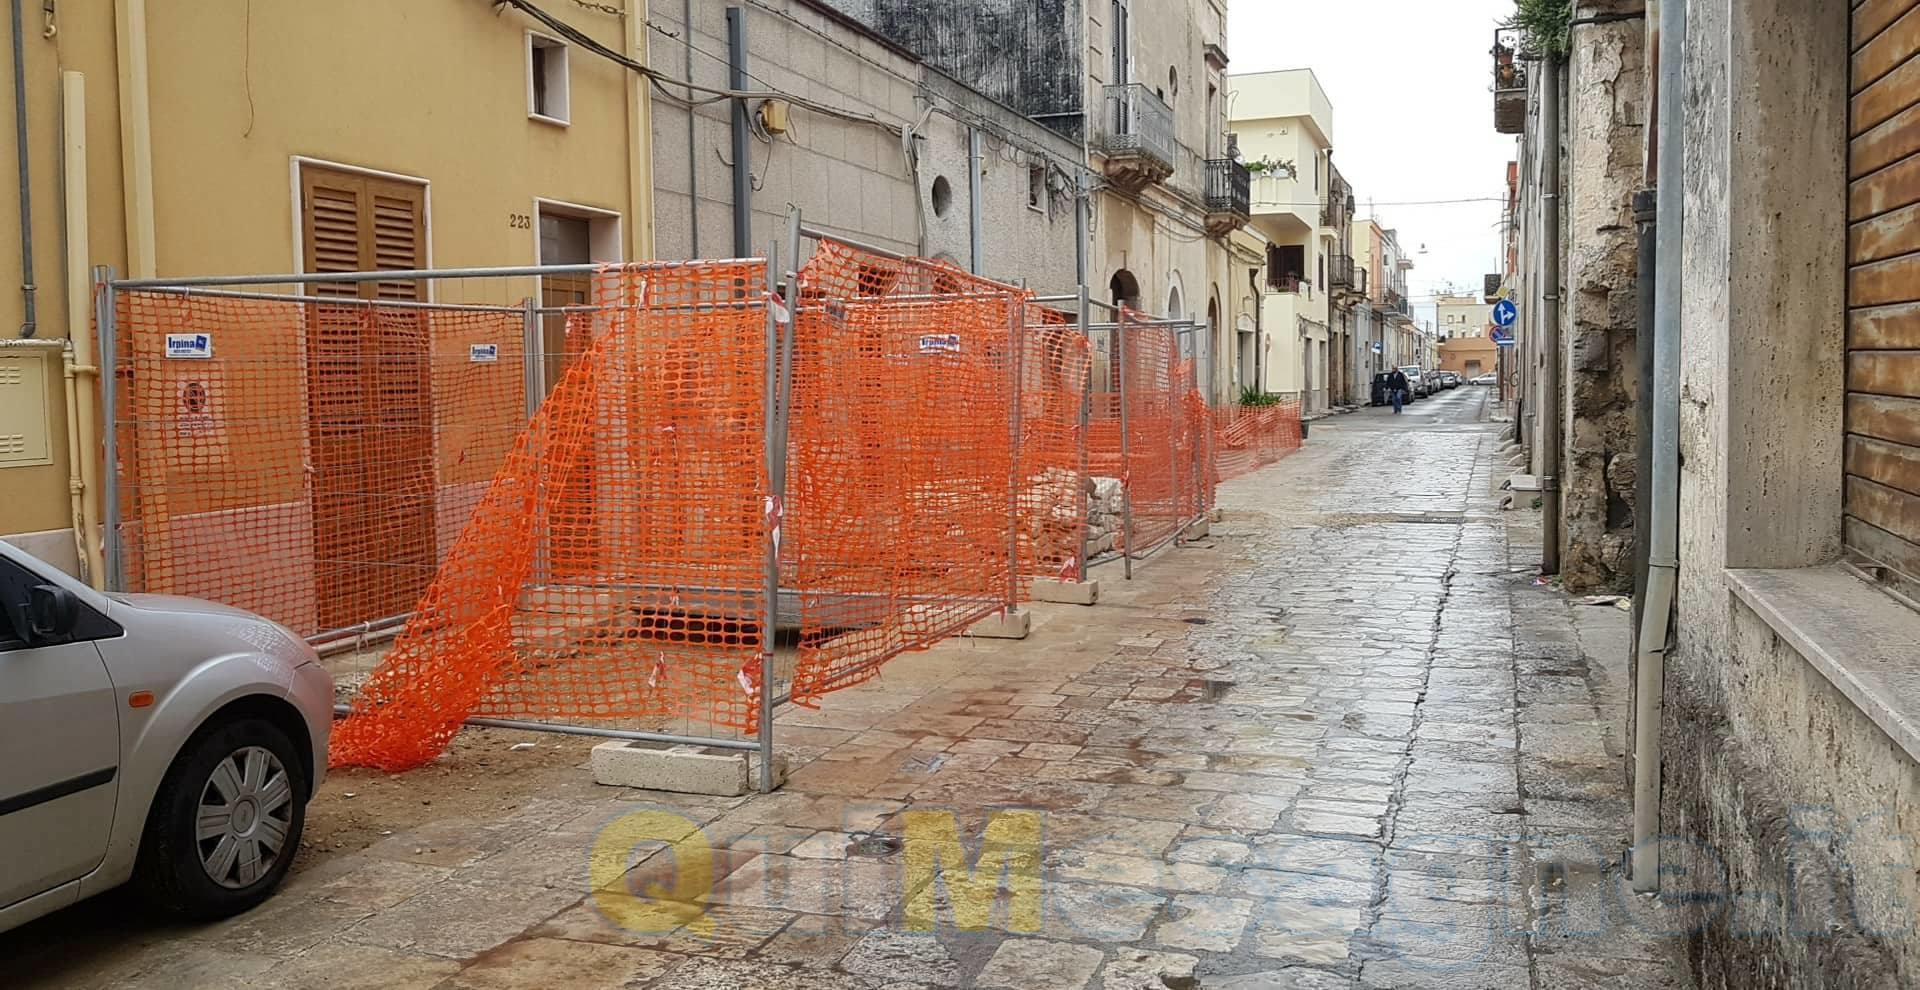 UFFICIO RECLAMI – Lavori su via E. Ferdinando senza fine, intervenga il Comune